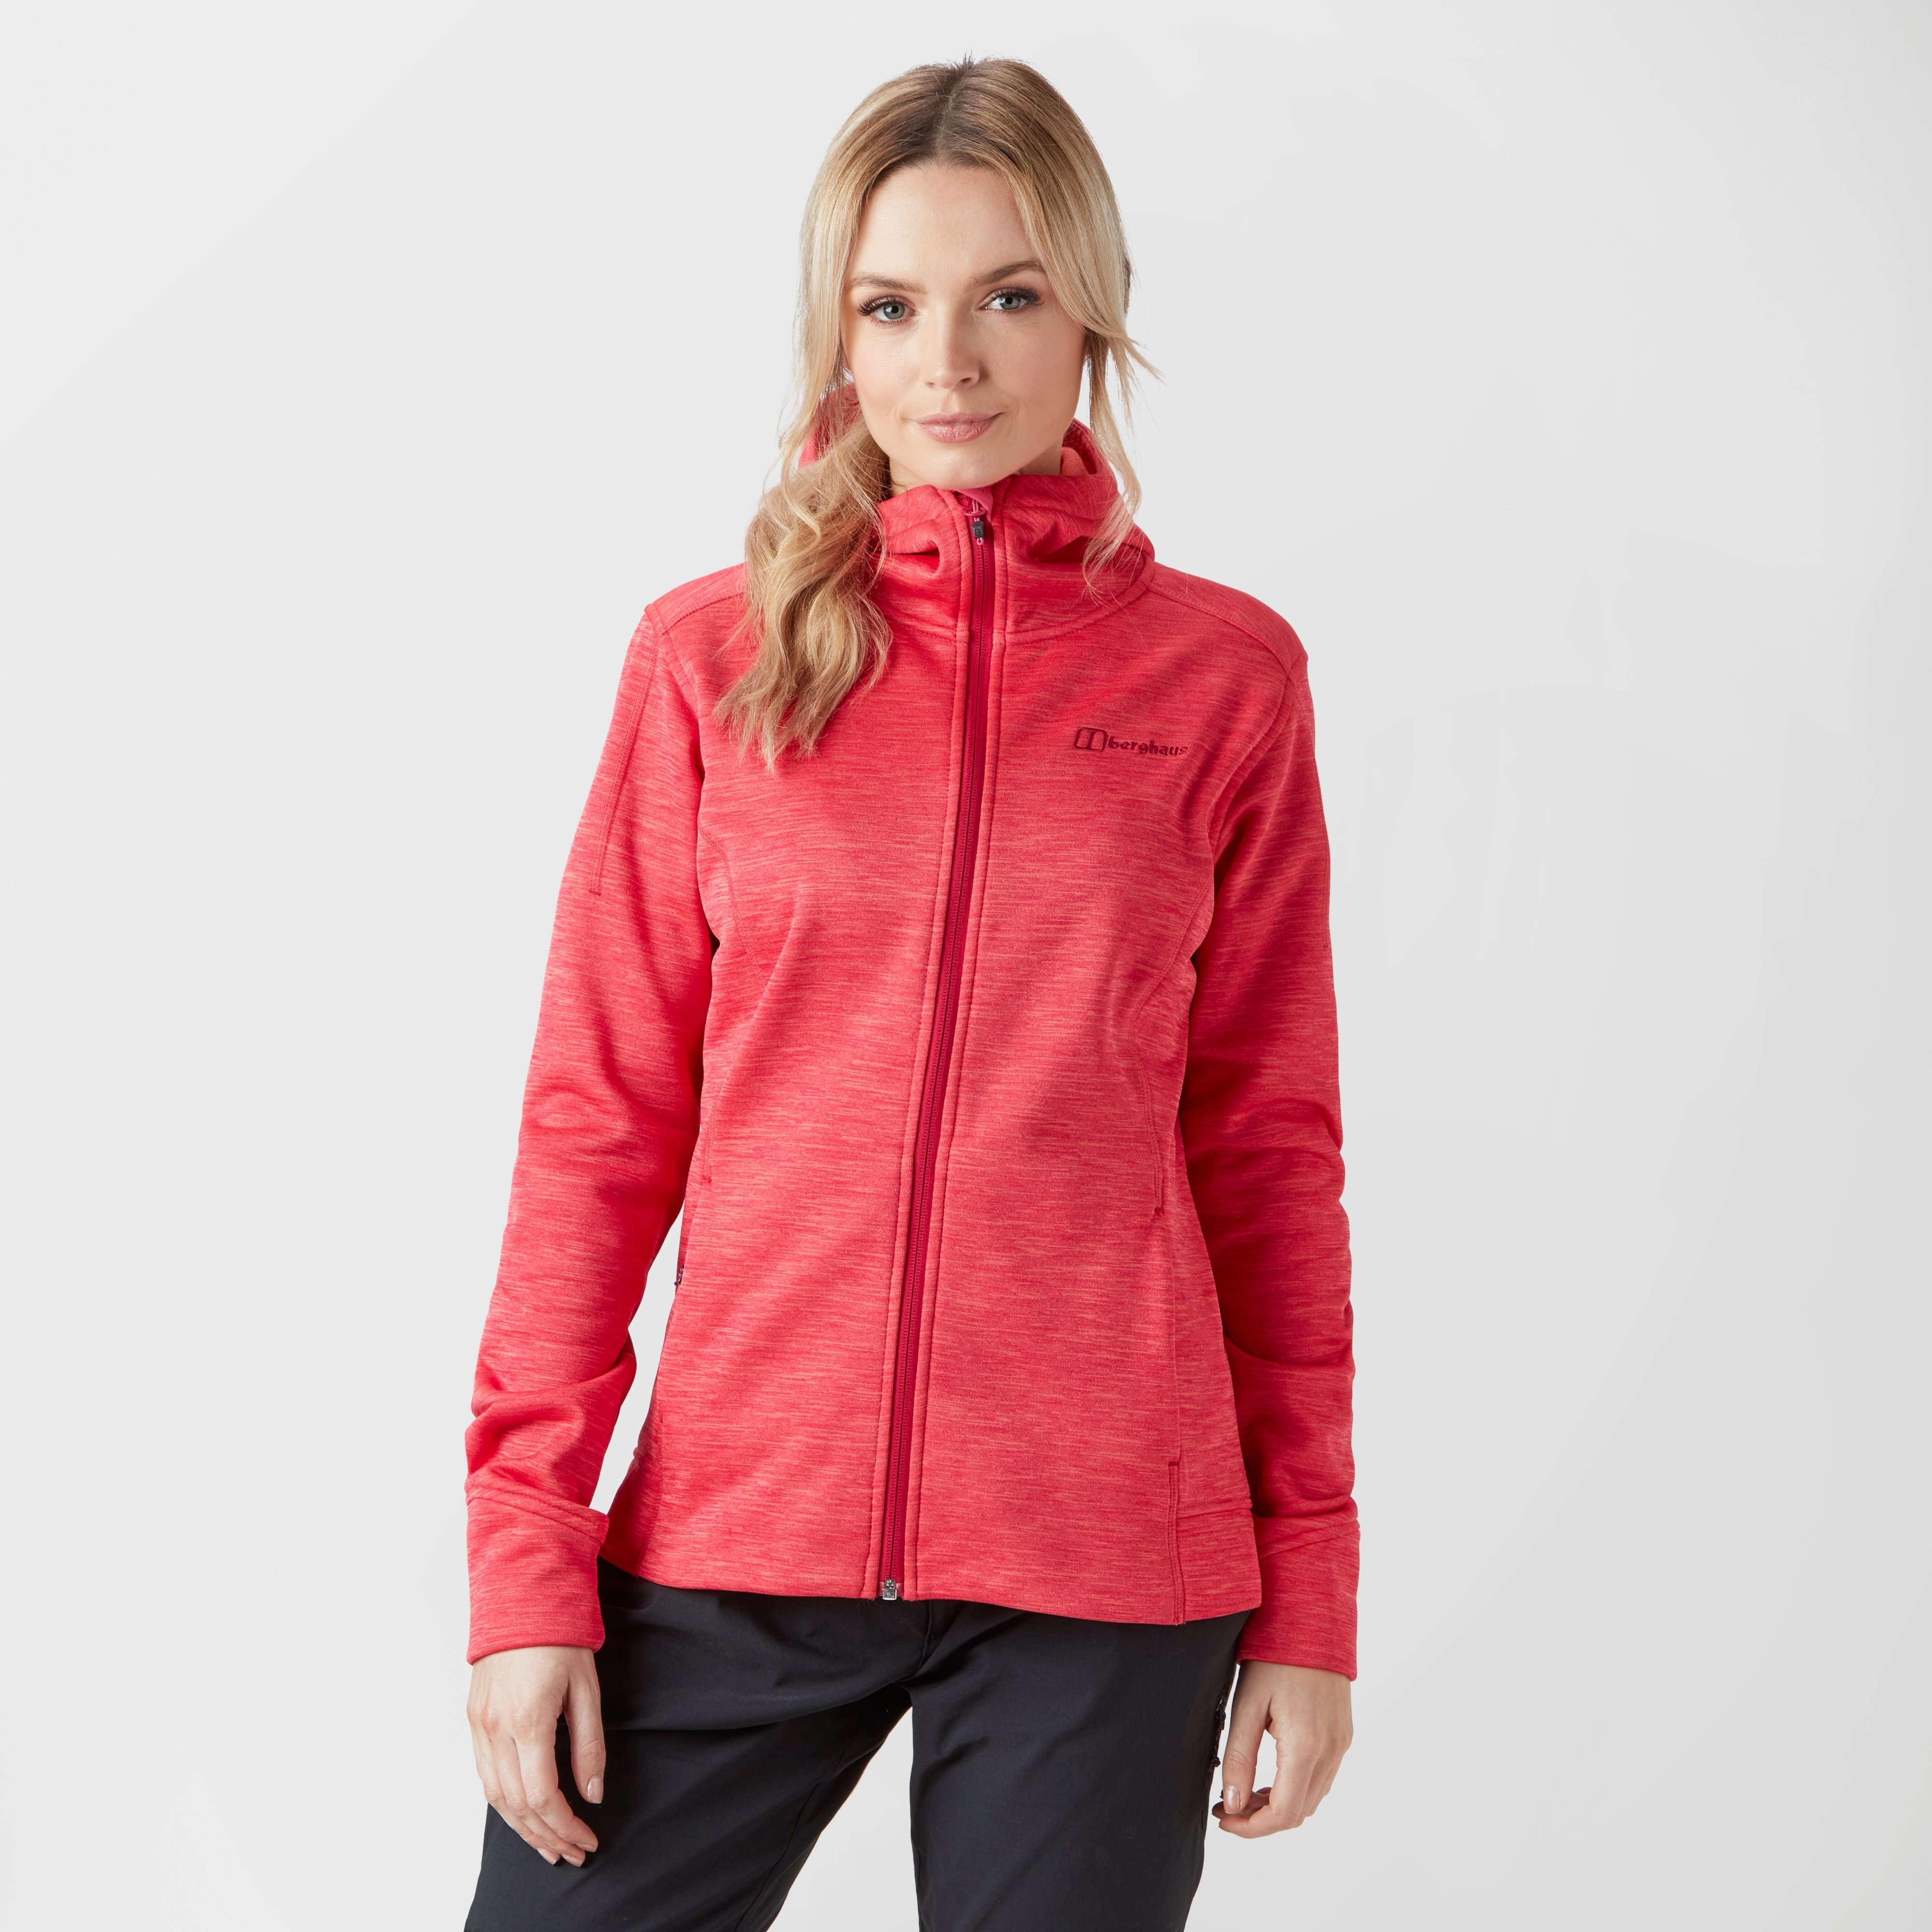 BERGHAUS Women's Kamloops Hooded Fleece Jacket